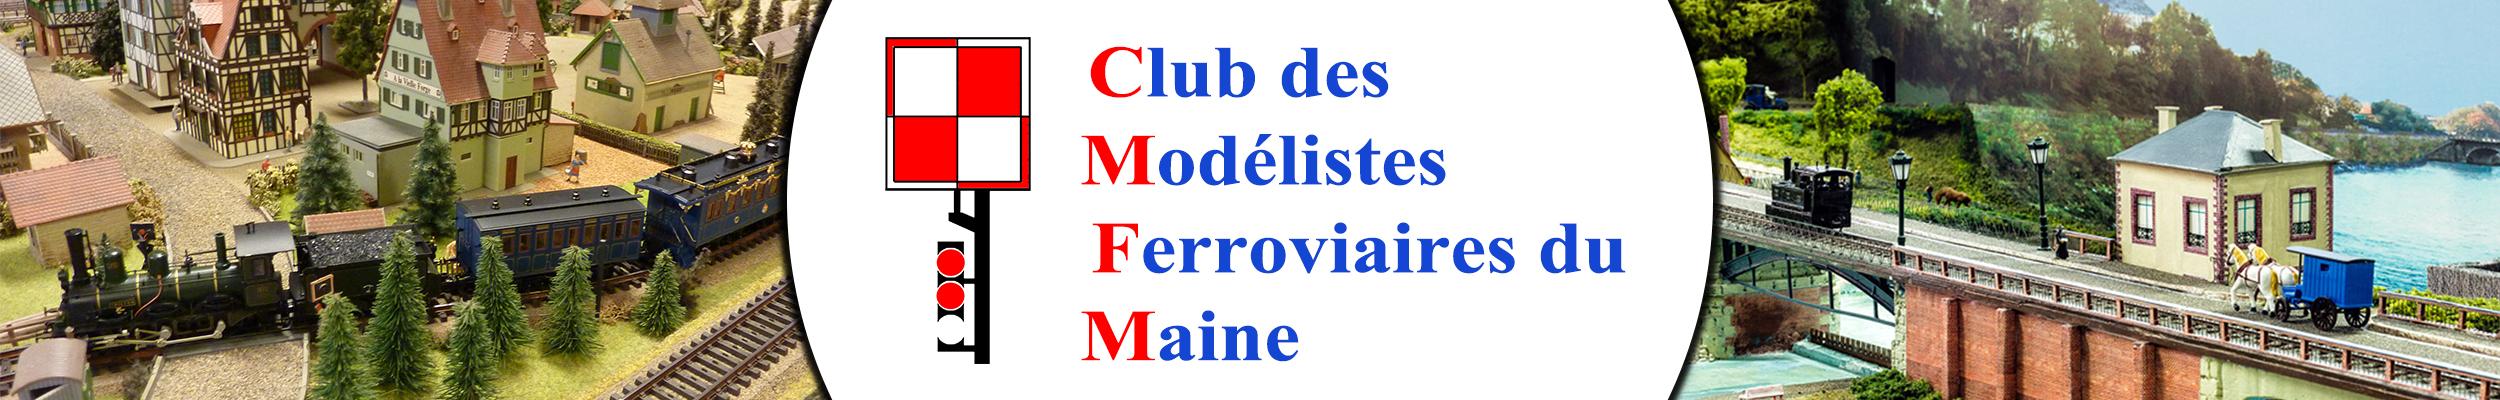 Club des Modélistes Ferroviaires du Maine